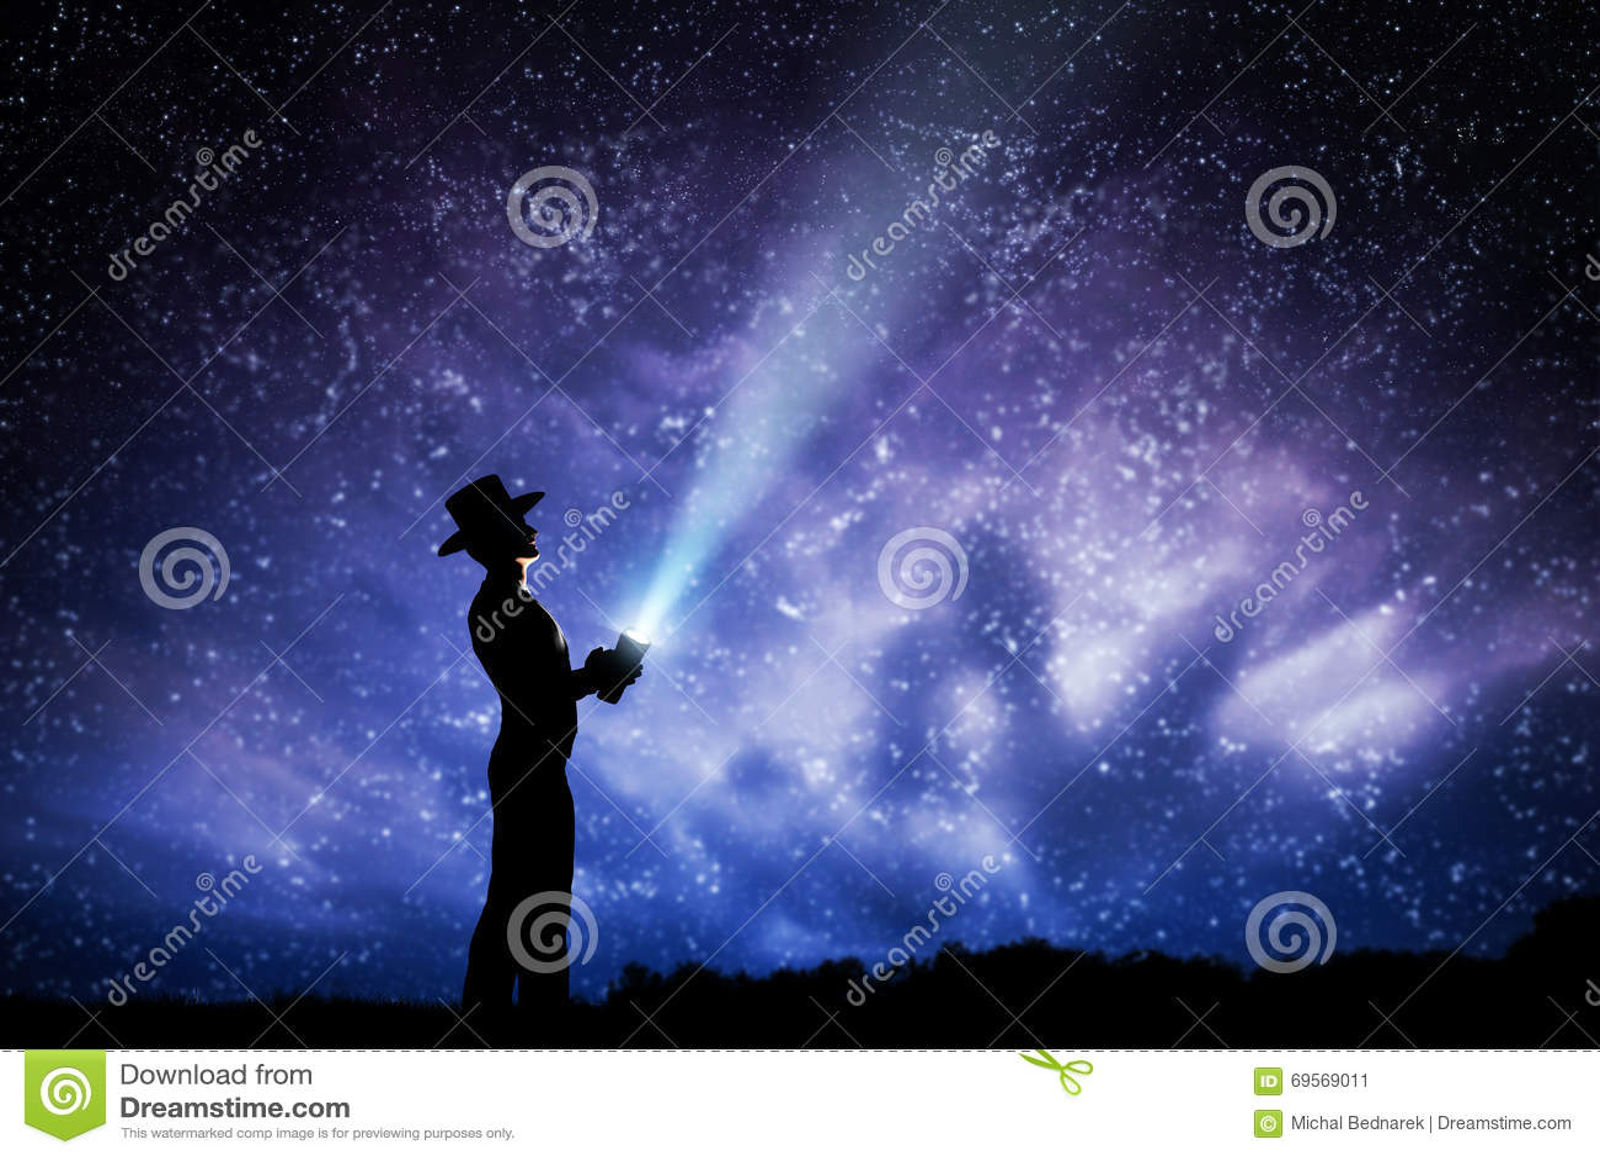 Homem no chapéu que joga o feixe luminoso acima do céu noturno completamente das estrelas Para explorar, para sonhar, mágica